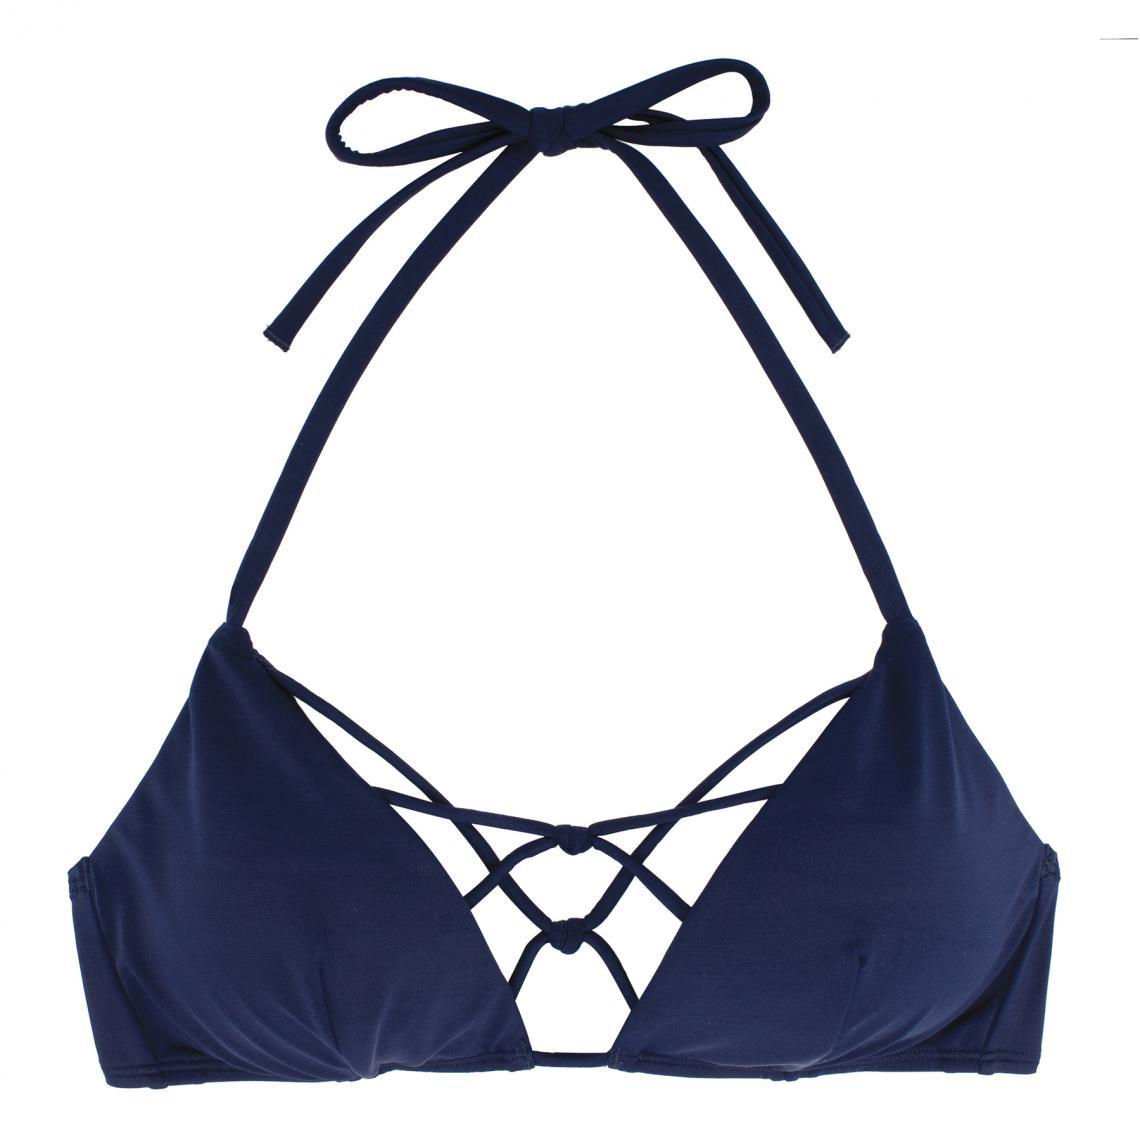 Haut de maillot de bain triangle sans armatures bleu